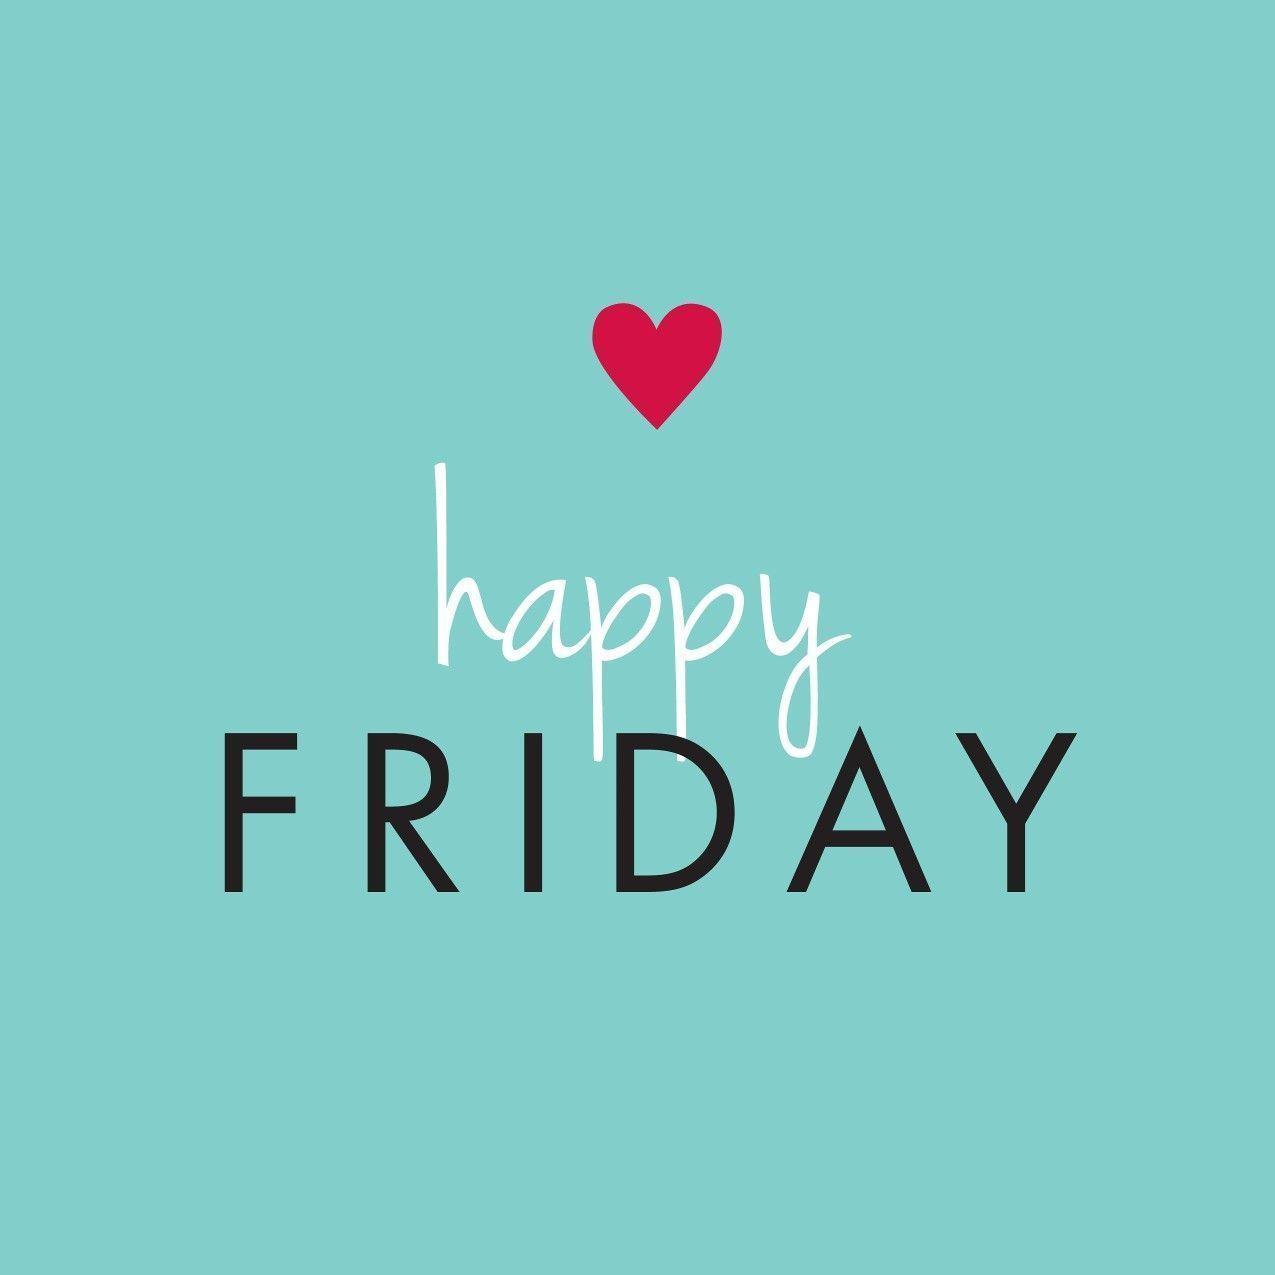 Happy Friday Quotes Positivity | Happy Friday happy friday quotes positivity ~ happy friday | happy friday